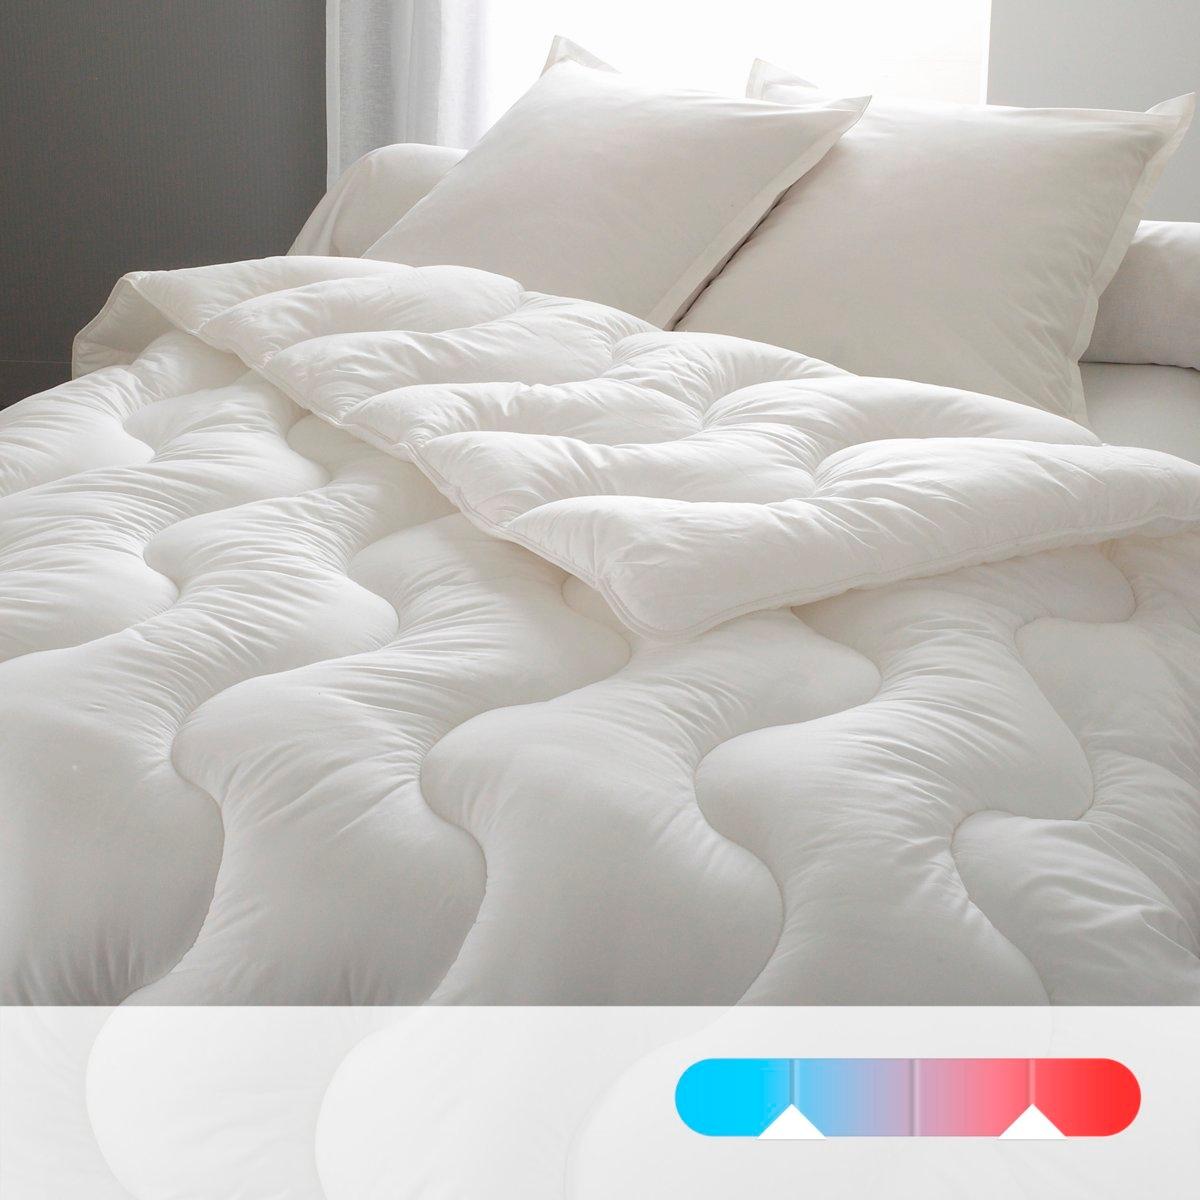 Одеяло синтетическое с чехлом из натурального материалаДвойное одеяло 4 сезона просто создано для здорового и крепкого сна, чехол из 50% хлопка и 50% лиосела (волокно растительного происхождения) впитывает и выводит влагу.    Биоцидная обработка  .4 сезона : 1 одеяло 200 г/м? для лета, 1 одеяло 300 г/м? для межсезонья, оба одеяла для зима (скрепляются завязками).Наполнитель THERMOSOFT : полые и тонкие волокна-спирали способствуют циркуляции воздуха и не пропускают холод. Обработка против клещей PRONEEM на растительной основе эффективна даже после многочисленных стирок. Машинная стирка при 60 °С. Прострочка шестиугольниками. Поставка в прозрачном чехле.<br><br>Цвет: белый<br>Размер: 260 x 240  см